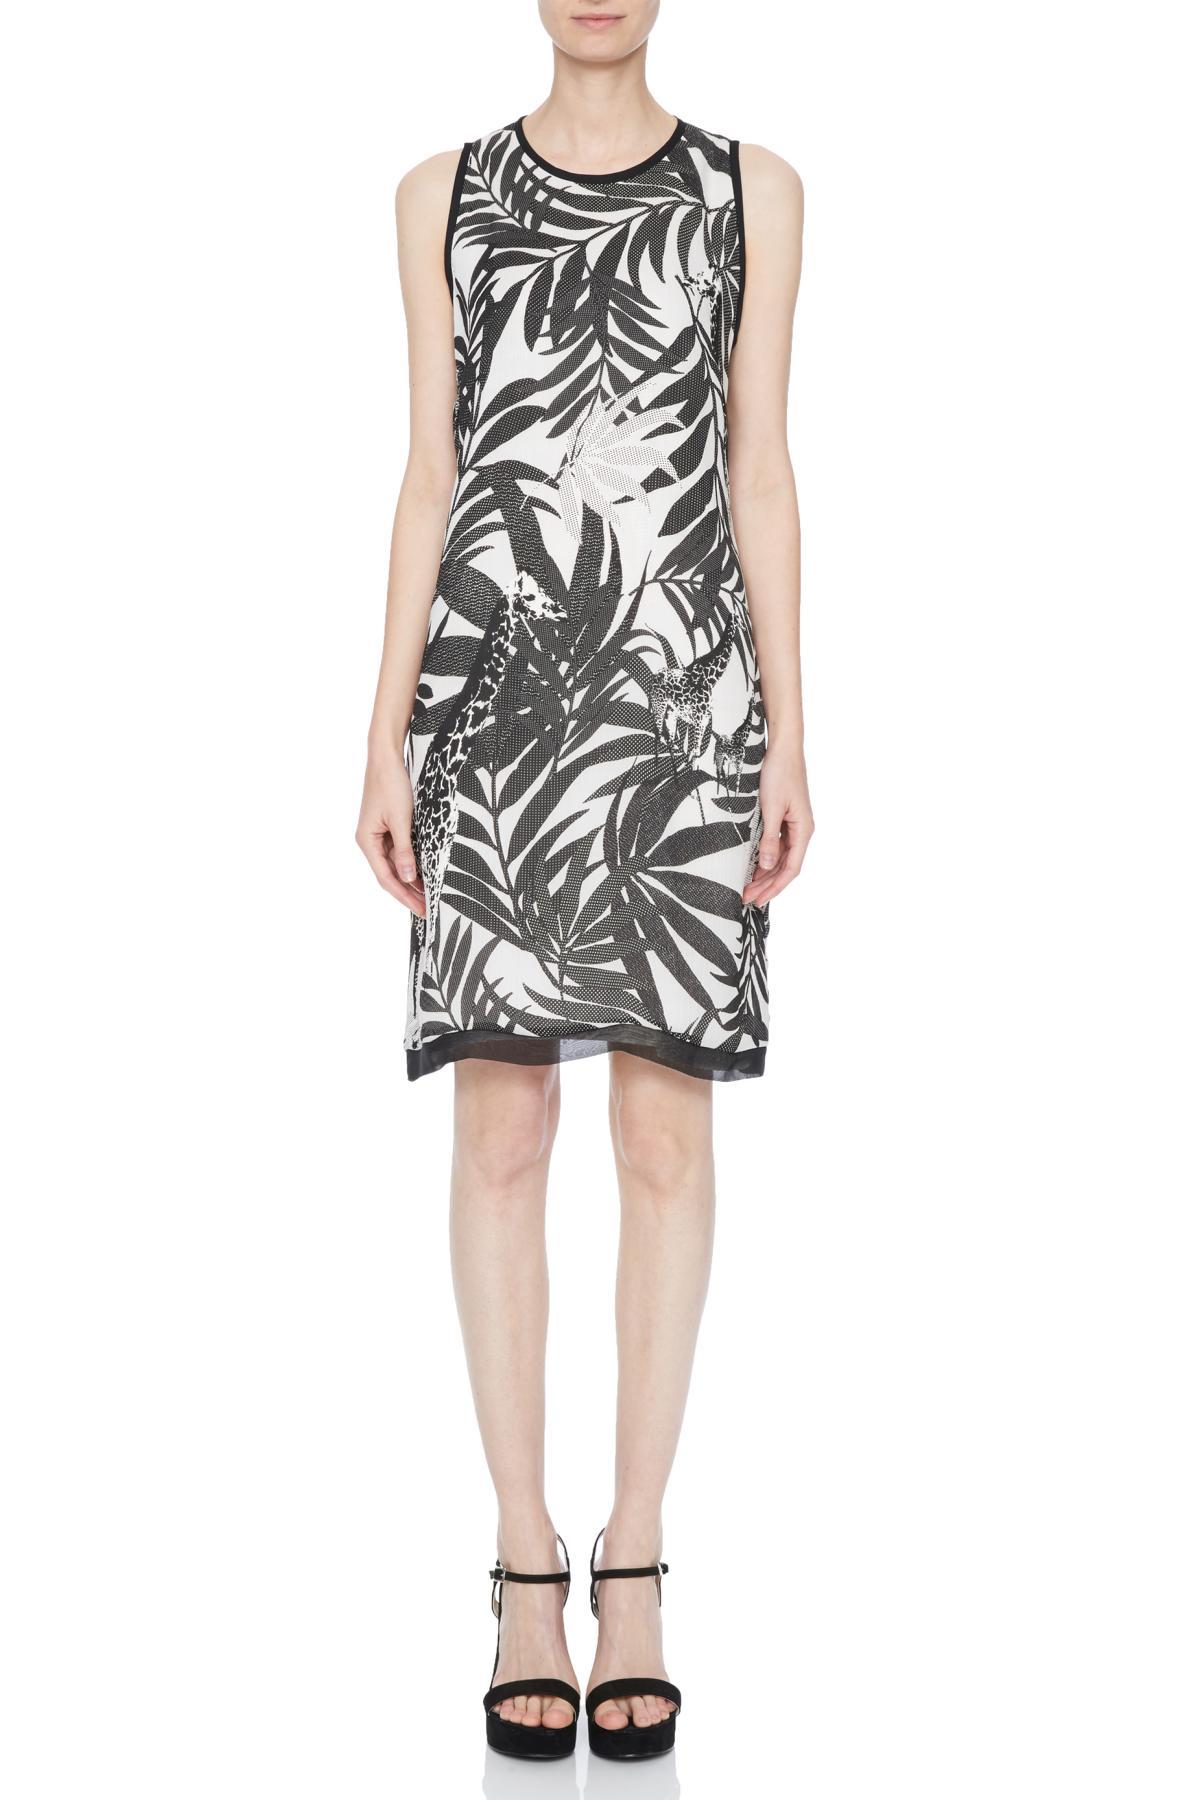 Vorderansicht von Ana Alcazar A-Linien Kleid Nelda  angezogen an Model